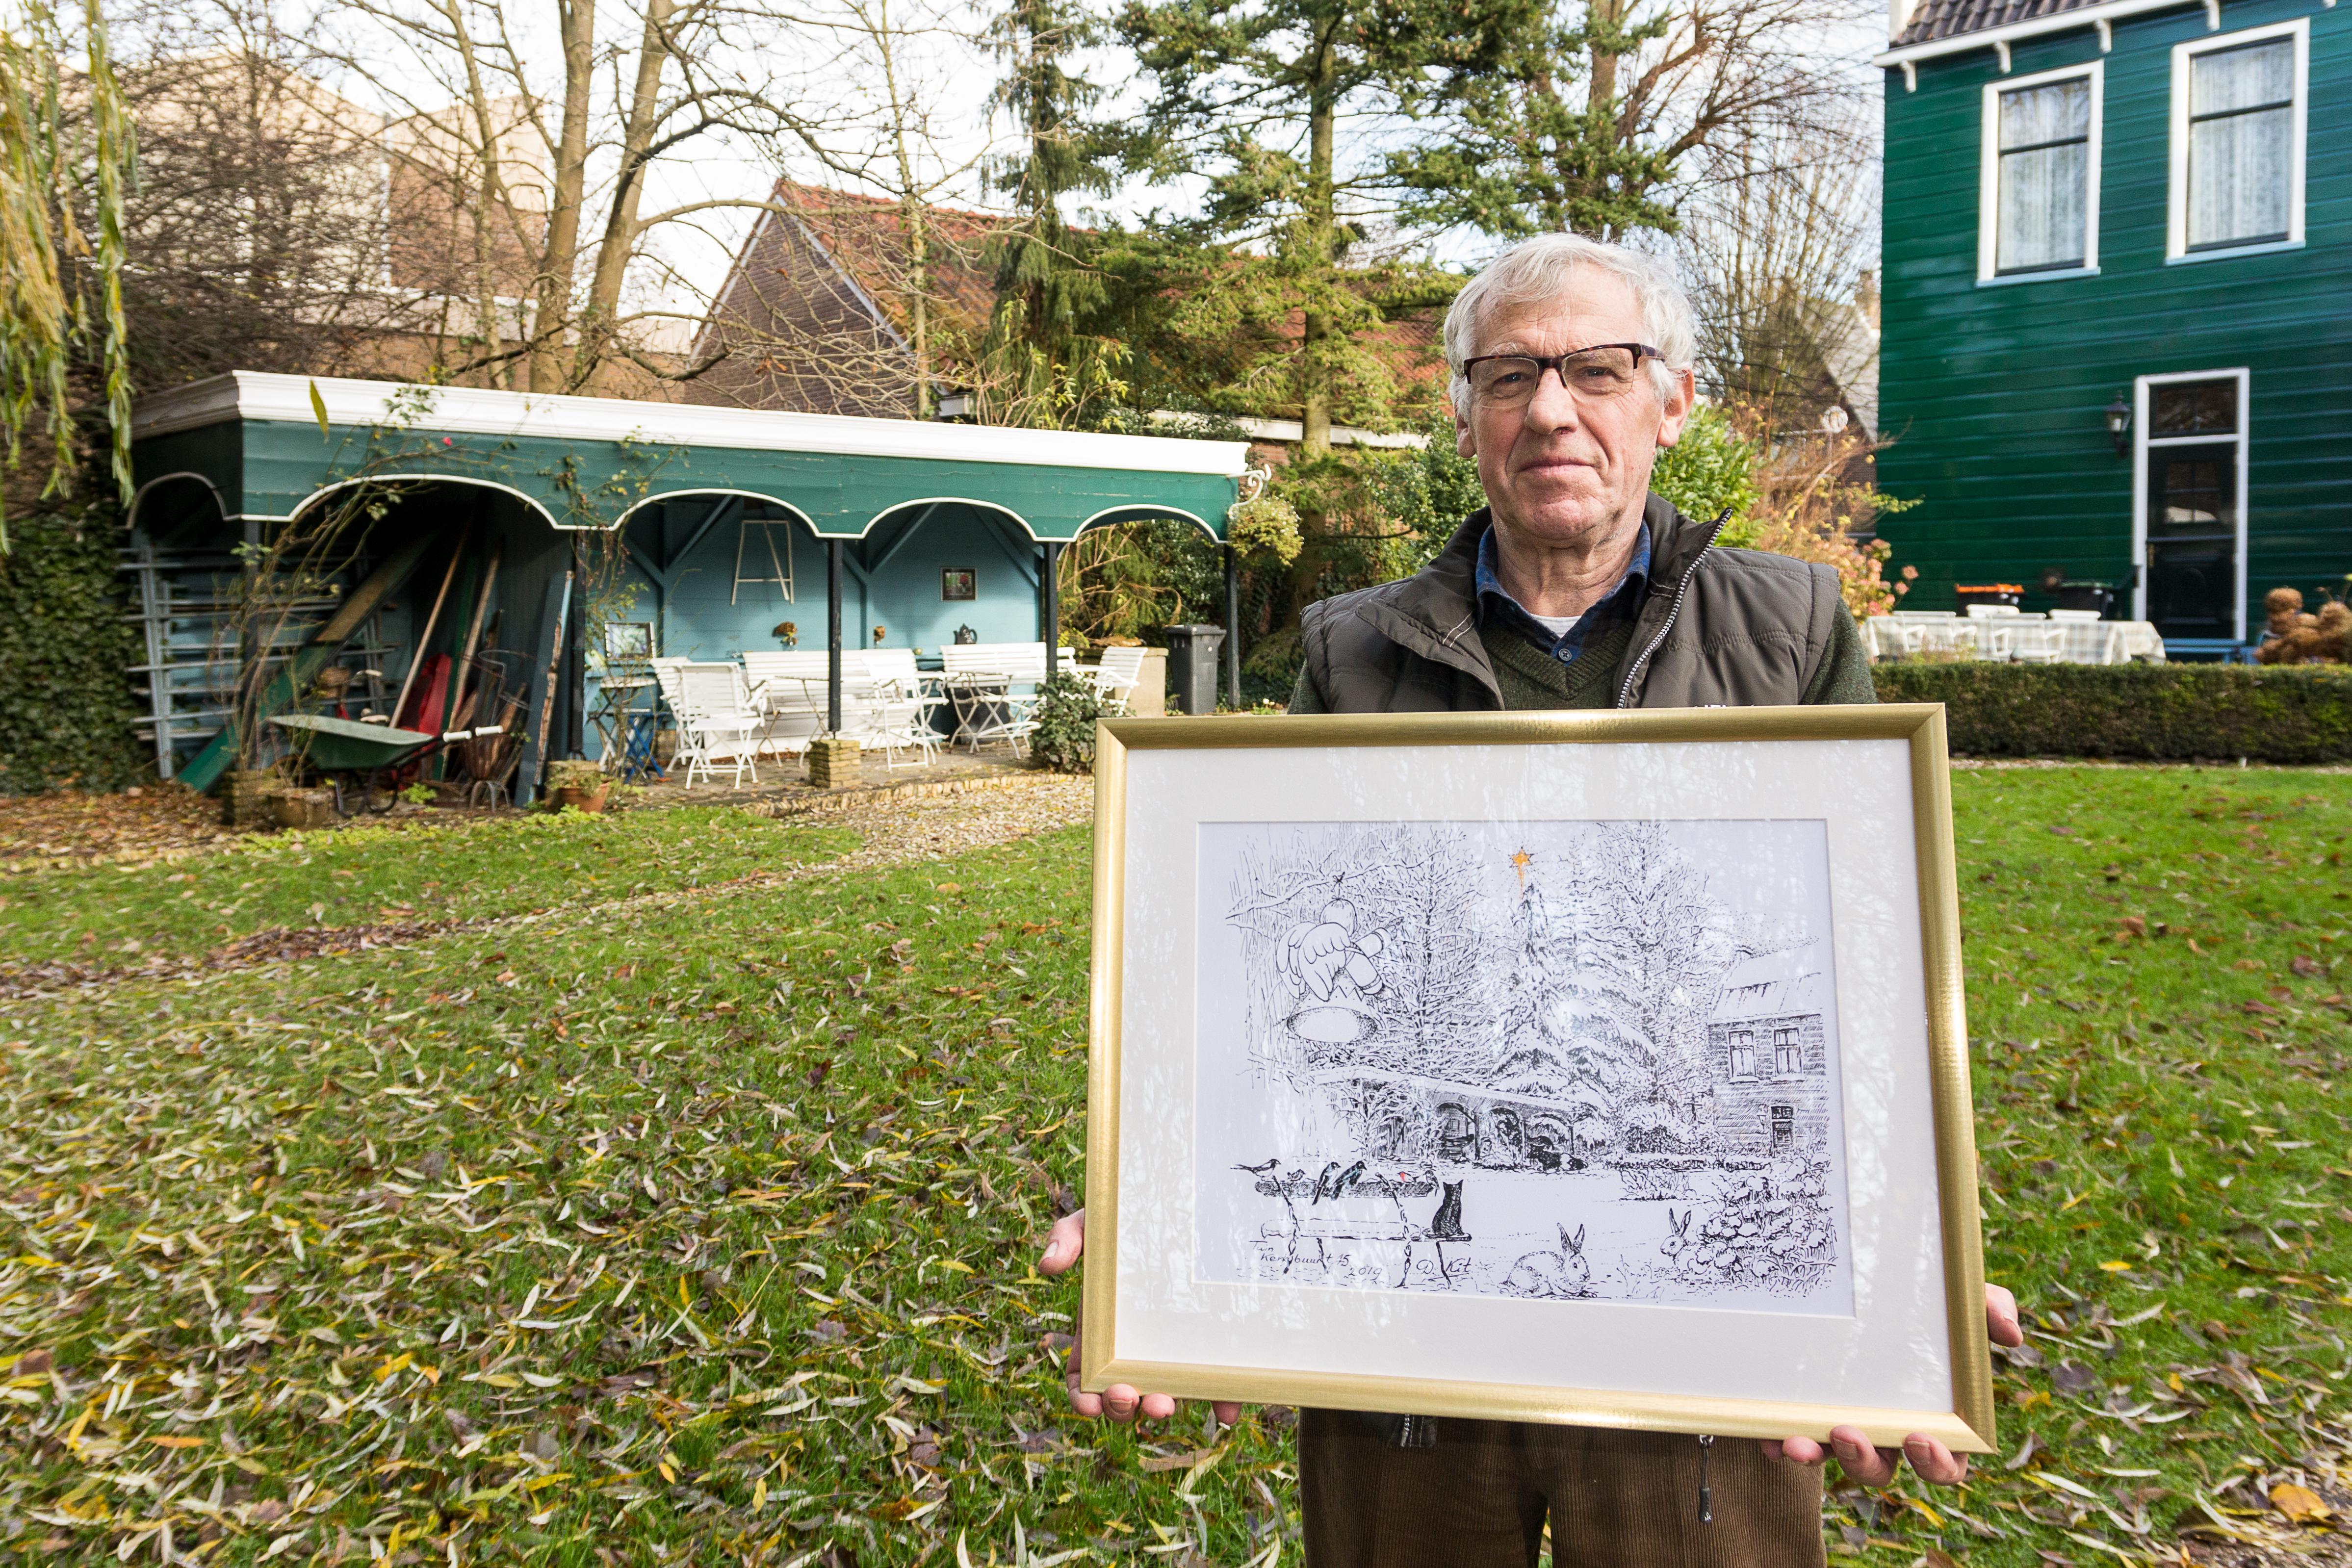 Eindeloos genieten van pielen: Dirk Kit maakt al jaren kerstkaarten van zijn tuin